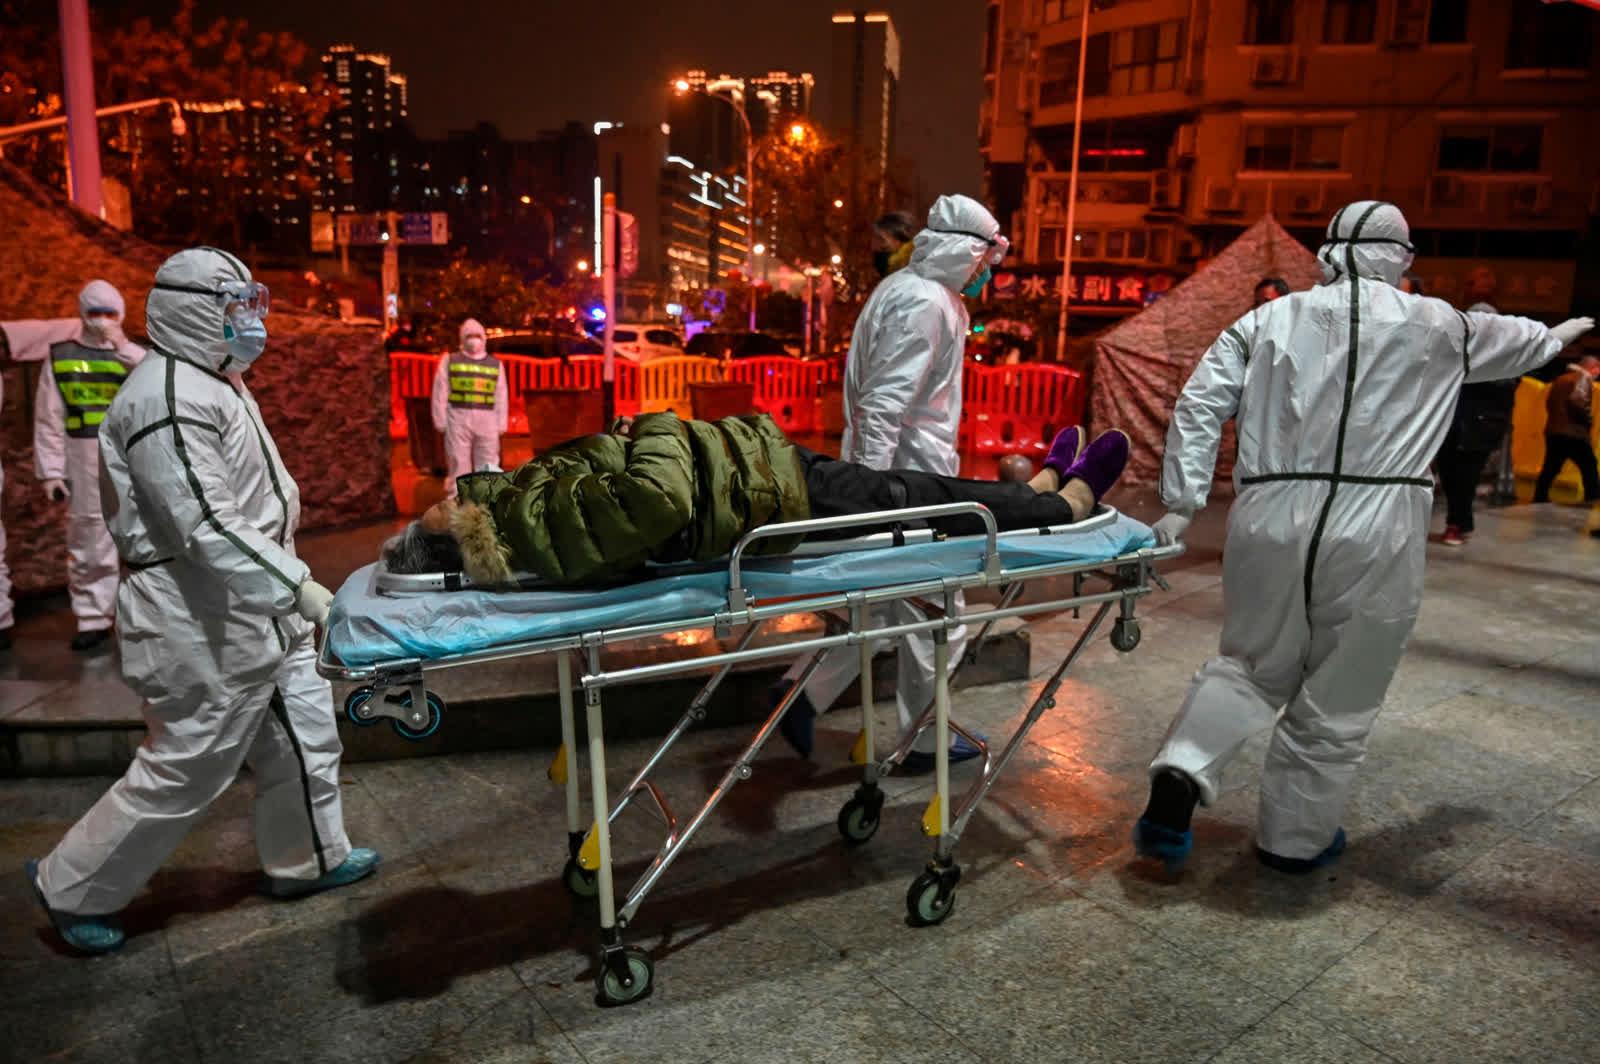 Нэгдүгээр сарын 25. Эмнэлгийн ажилтнууд БНХАУ-ын Ухань хотын Улаан загалмайн эмнэлэгт өвчтөнөө авчирч буй байдал.  Коронавирусний тухай анхны мэдээ Хятадын төв хэсгийн Хубэй мужийн 11 сая хүн амтай Вухан хотоос эхлэлтэй... /Photo by Hector Retamal/